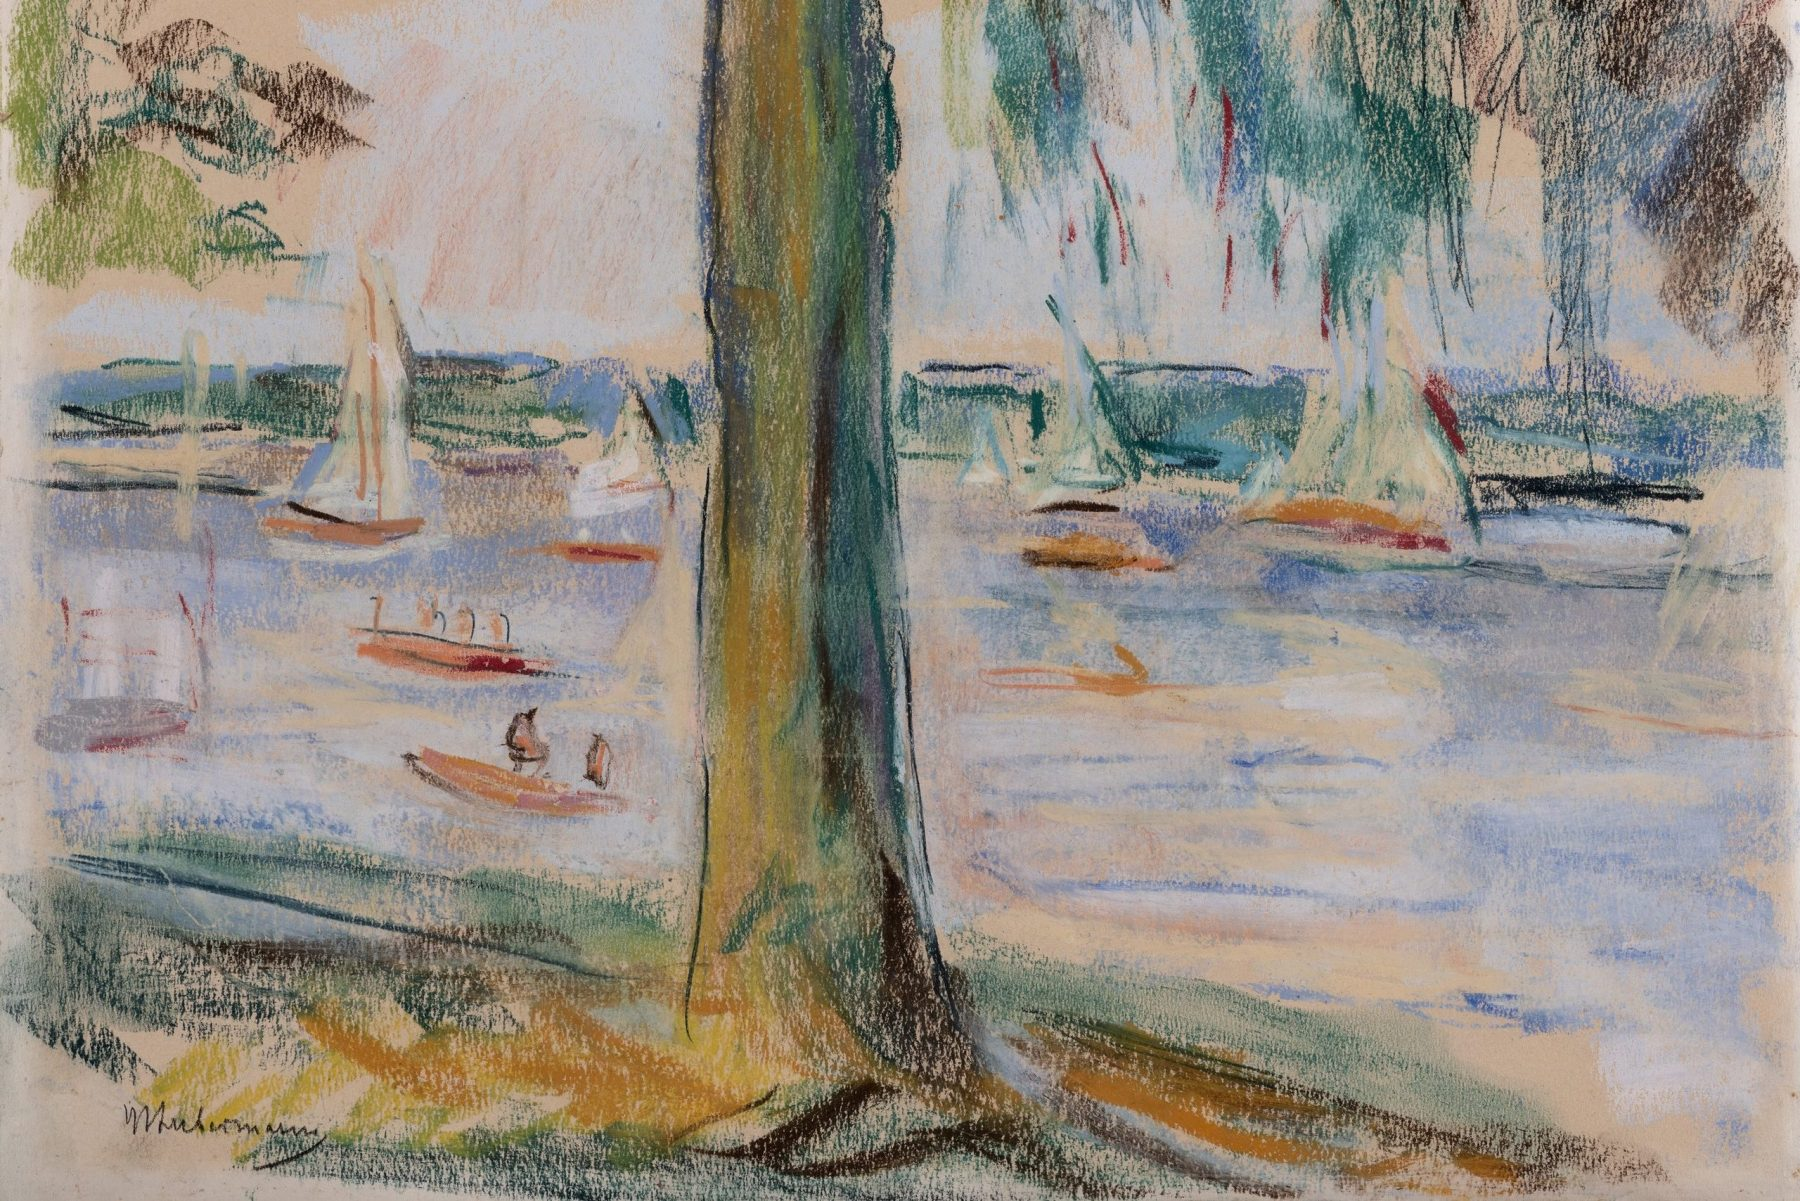 Das Pastell stellt auf abstrakte Art den Wannsee dar, auf welchem einige Boote segeln. Ein zentral stehender Baum am Ufer teilt das Bild beinahe in zwei Hälften, seine Äste ragen von oben ins Bild hinein.